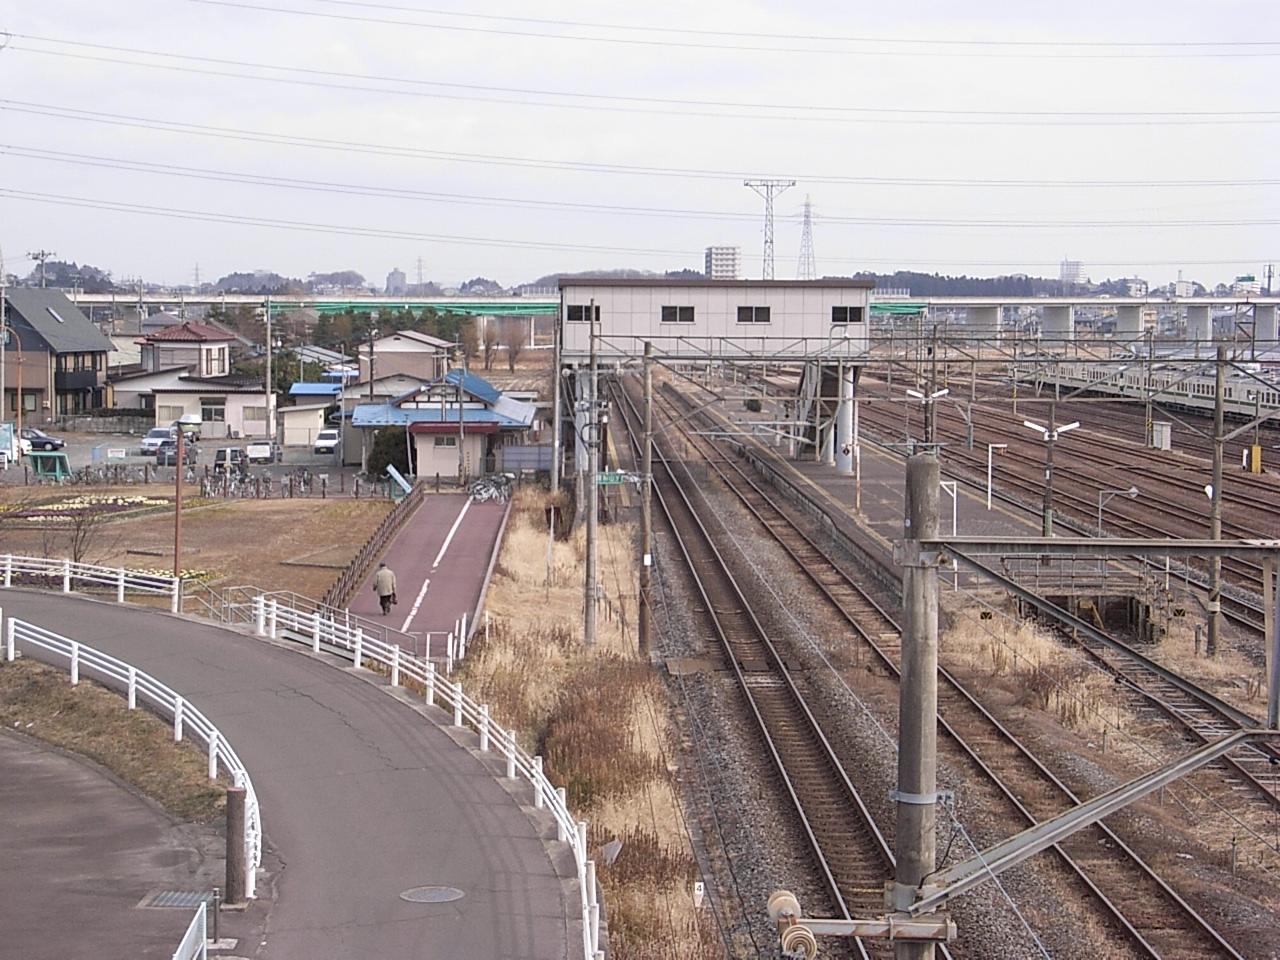 리쿠젠산노 역